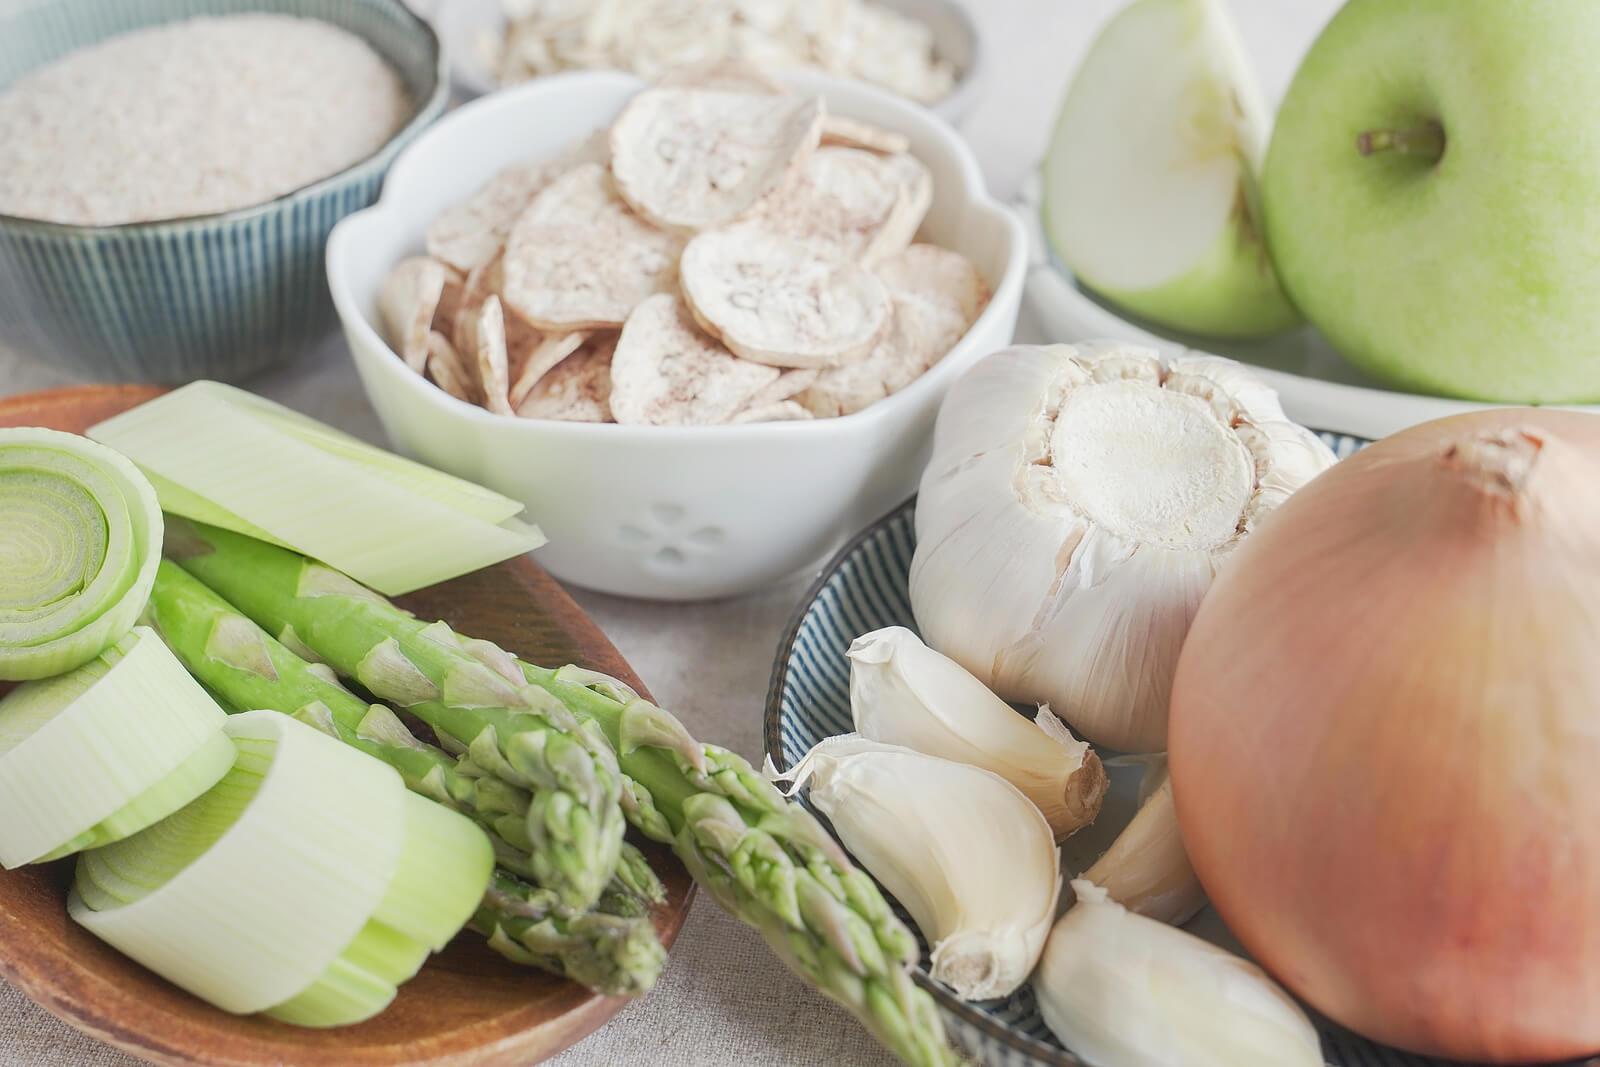 15 alimentos que ayudan a limpiar el hígado